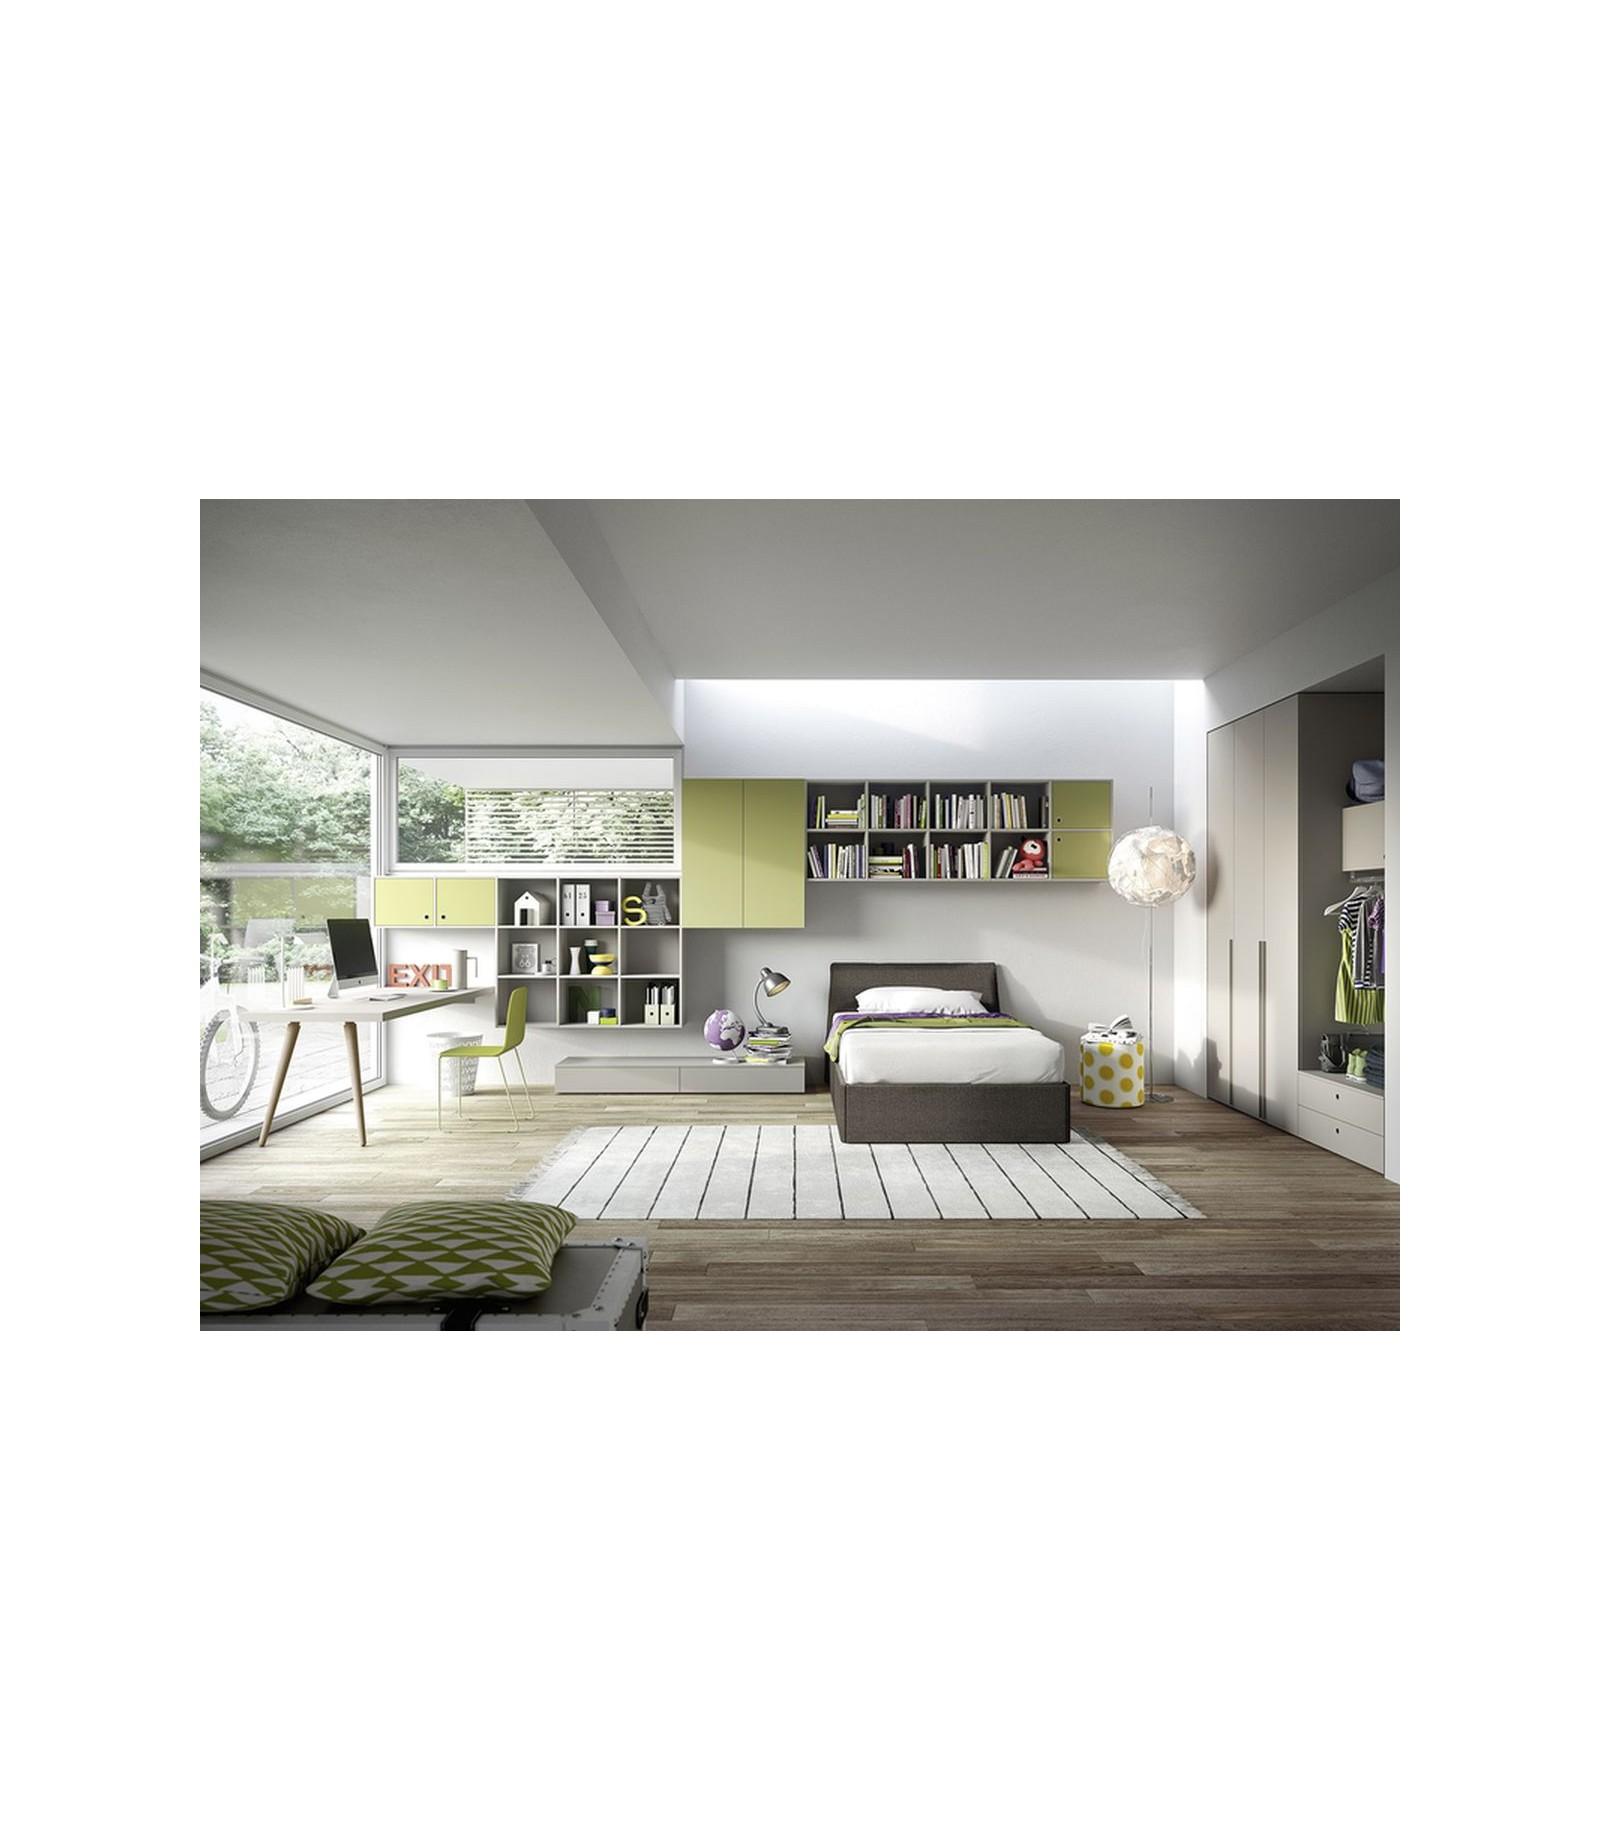 Progettare la cameretta casa with progettare stanza for Progettare la cameretta